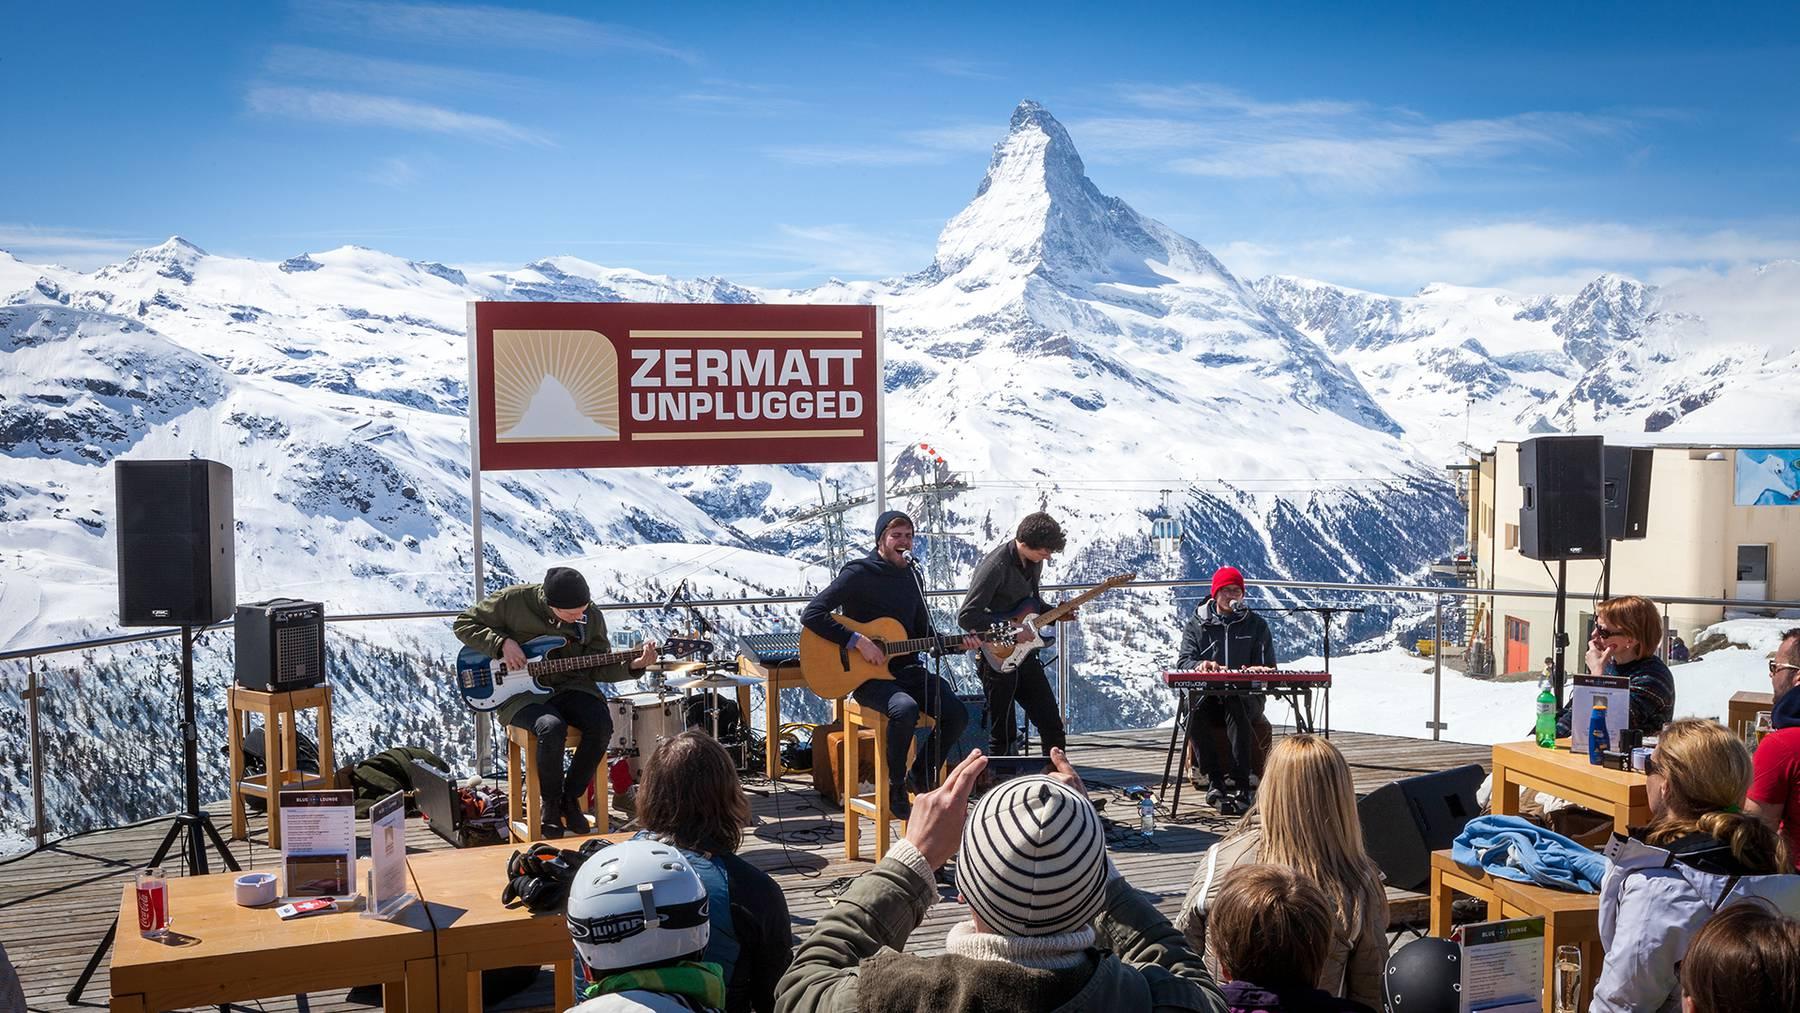 zermatt_unplugged1